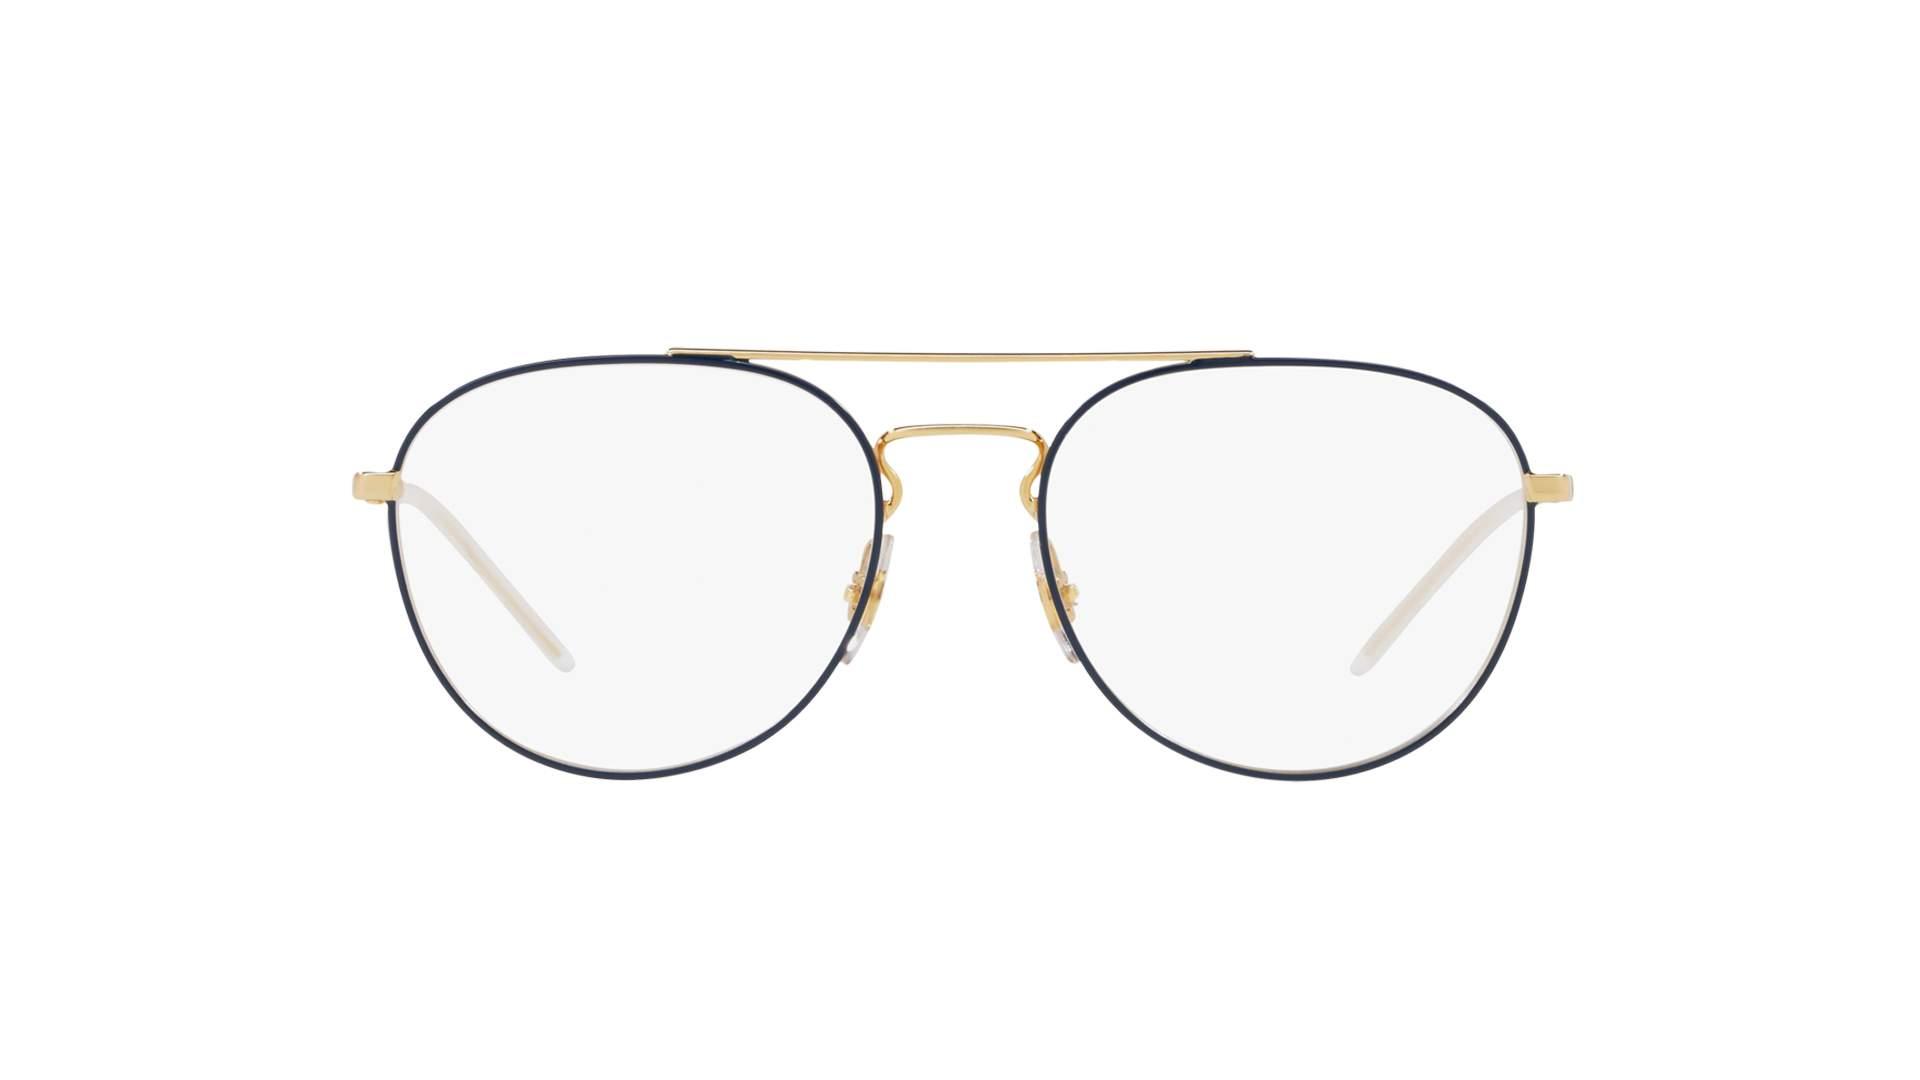 336e860592 Eyeglasses Ray-Ban RX6414 RB6414 2979 53-18 Blue Medium